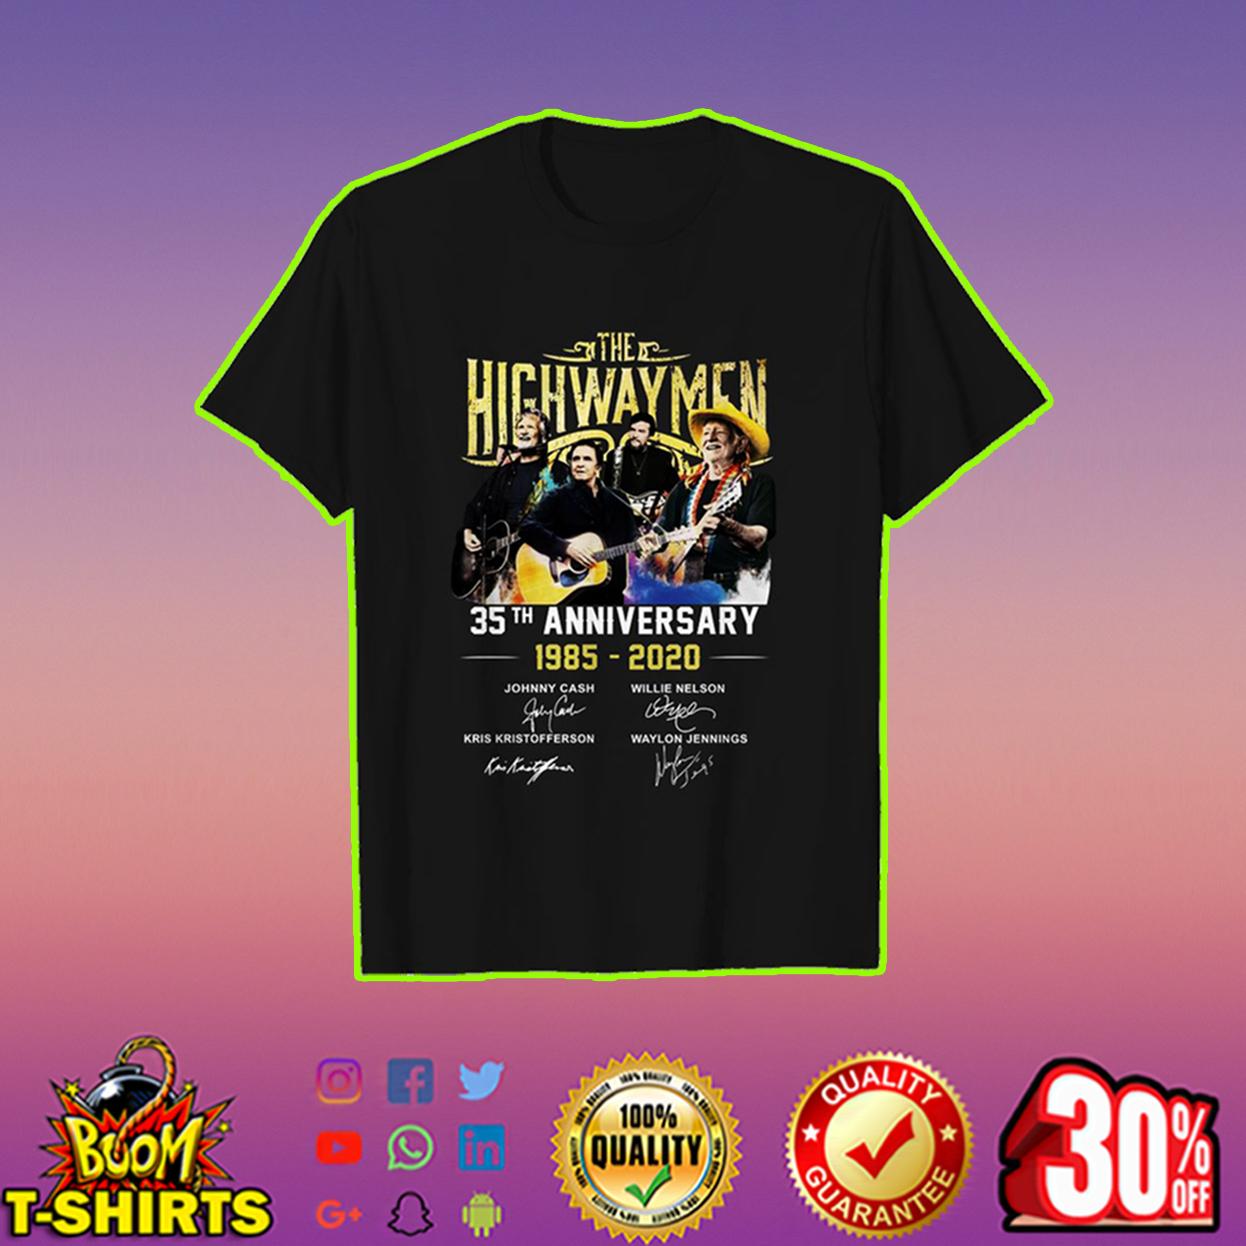 The Highwaymen 35th Anniversary shirt